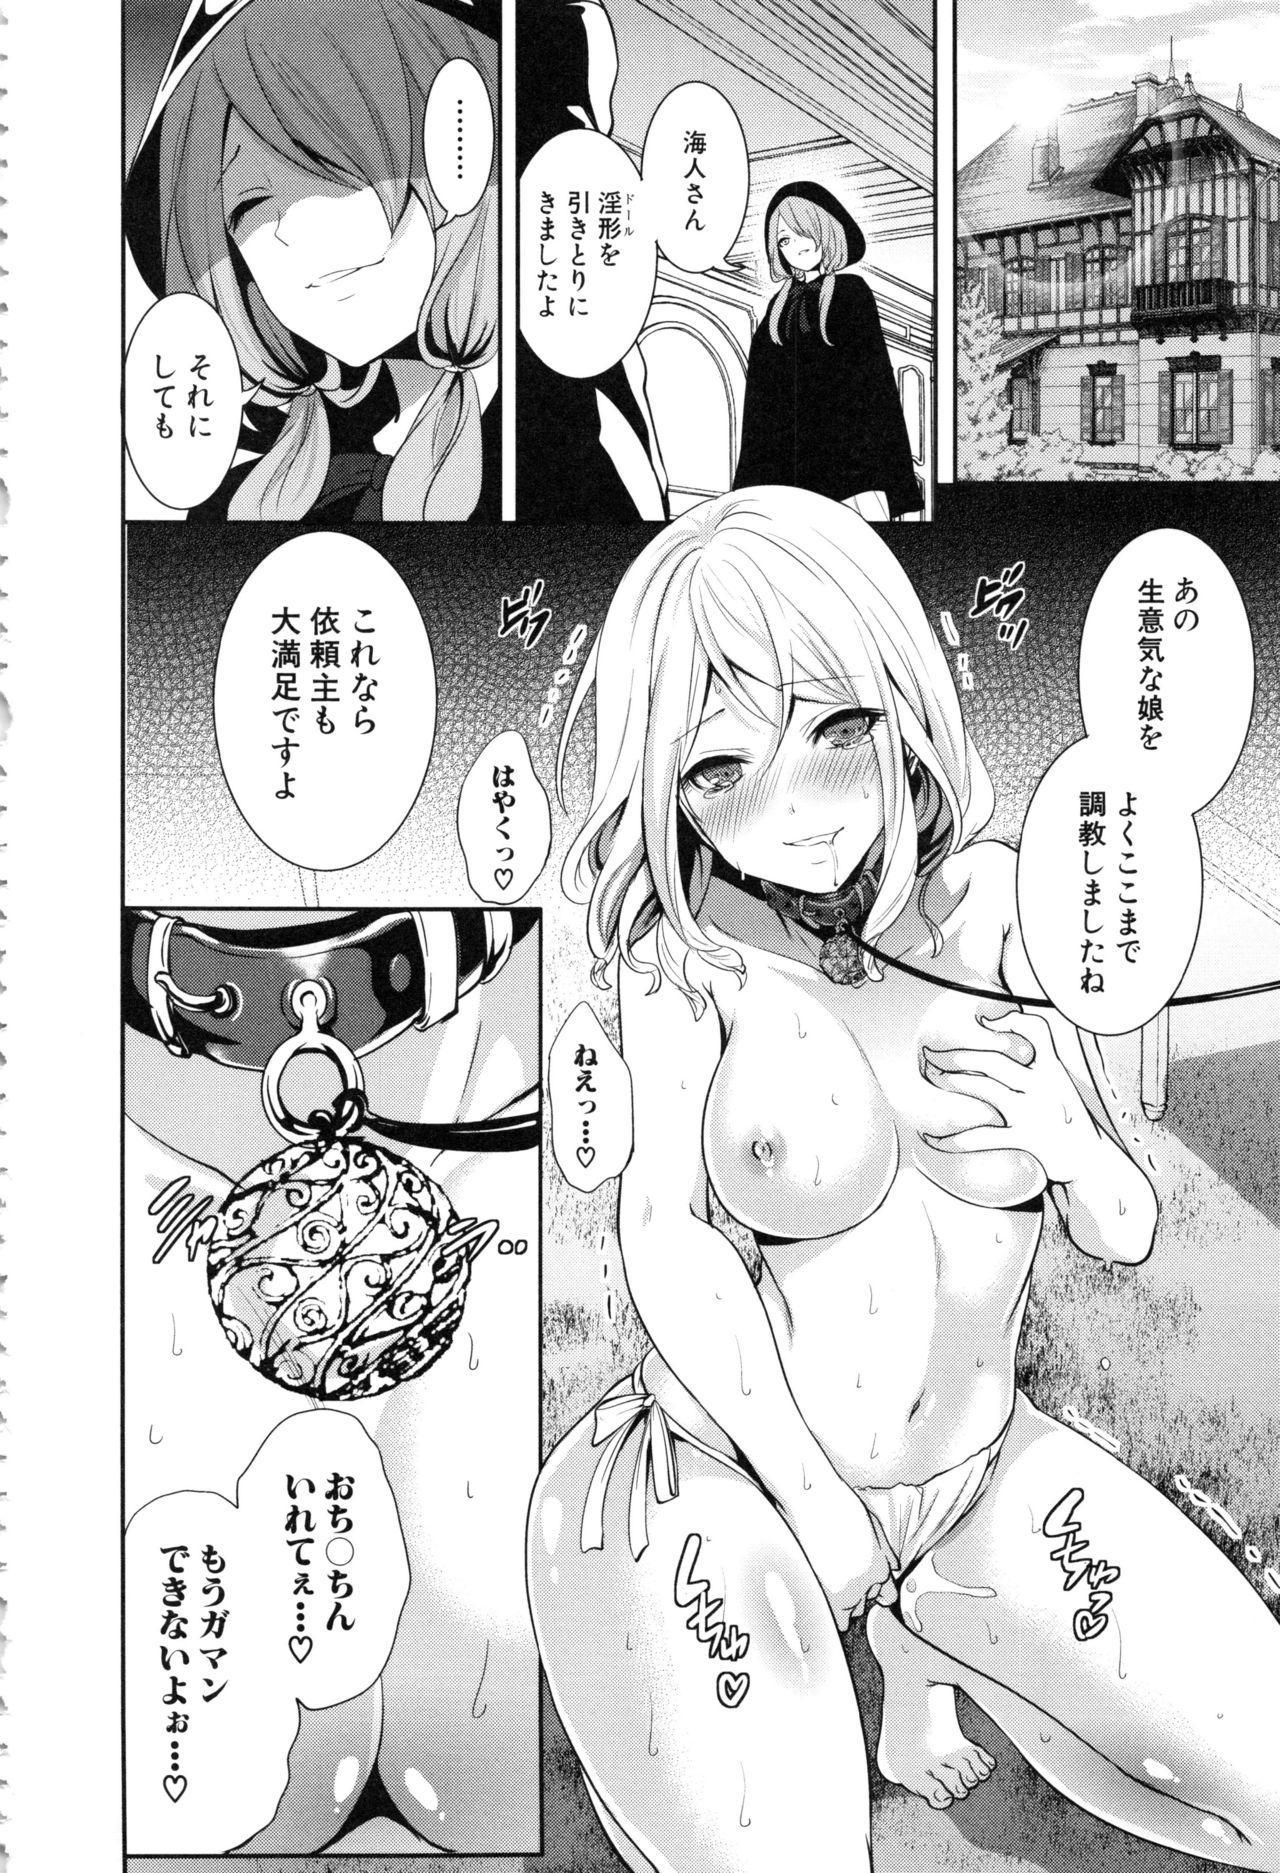 Doll no Yakata 42